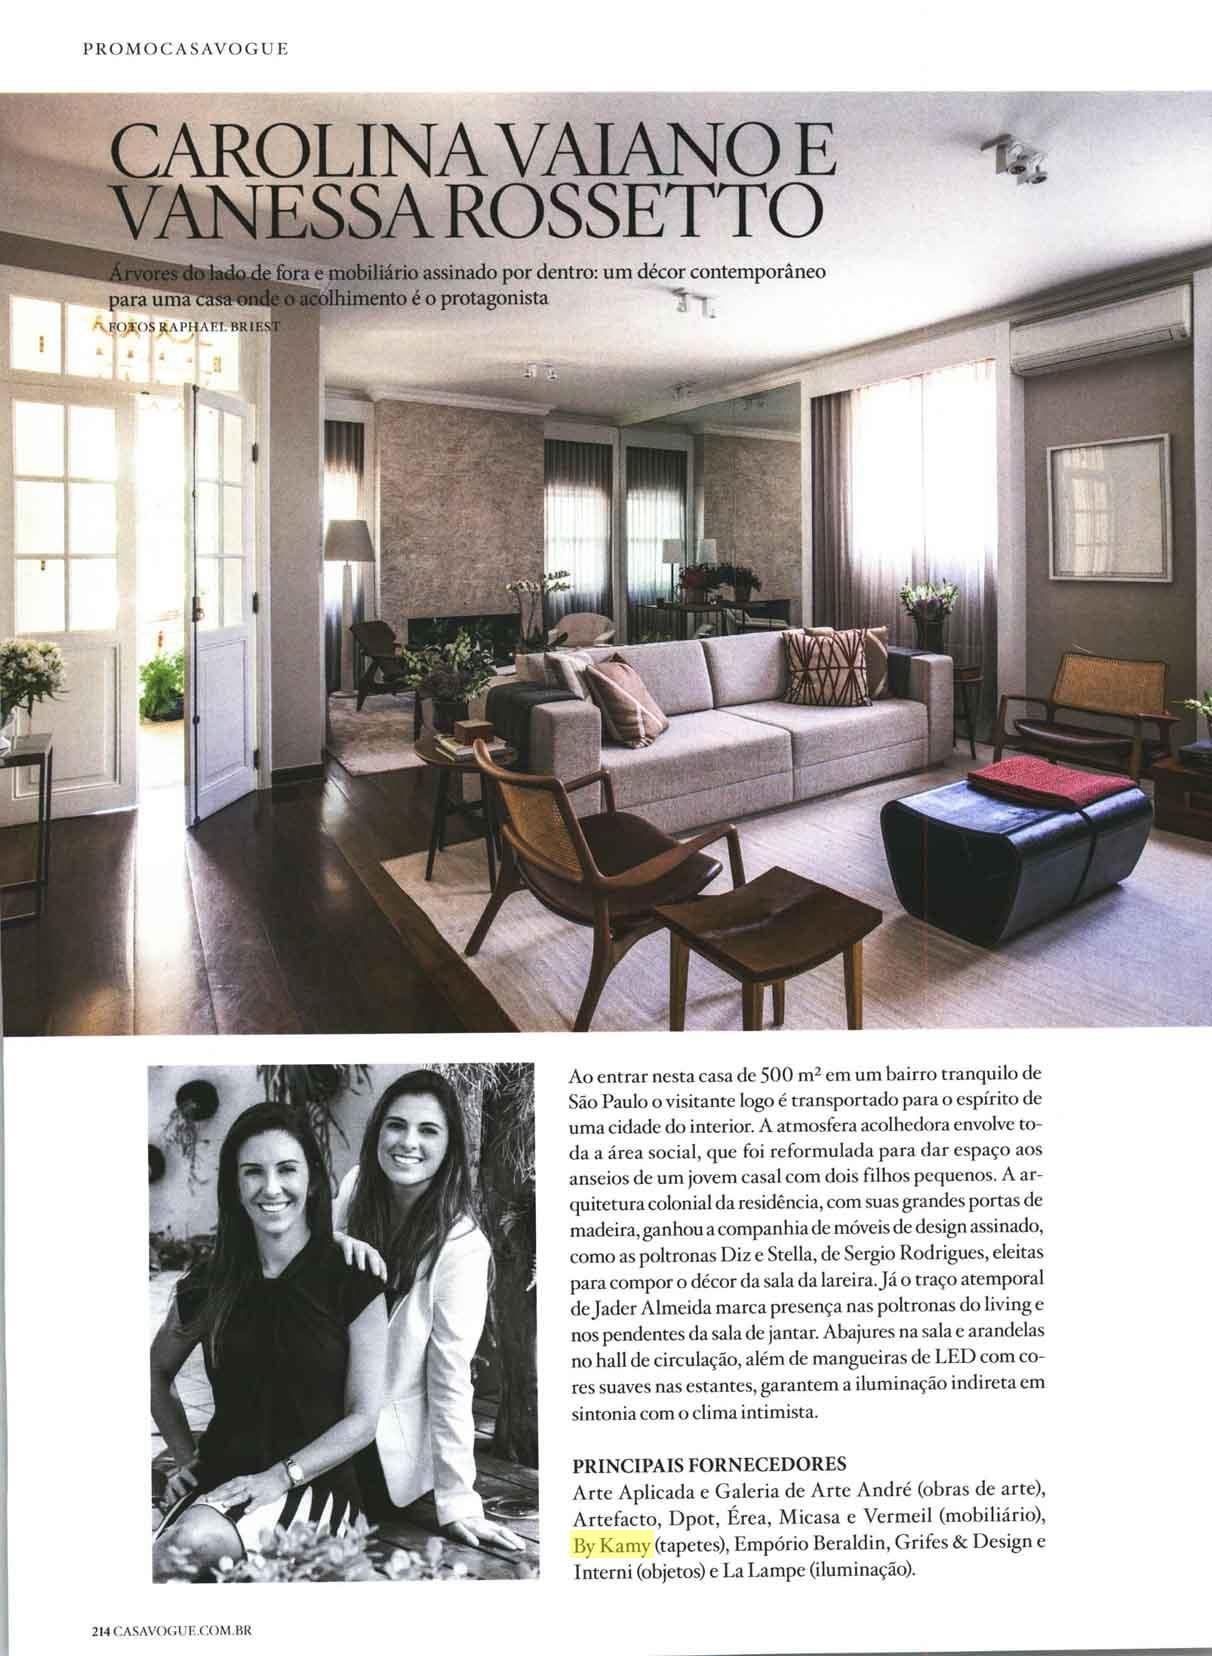 Tapete da by Kamy presente no ambiente de Carolina Vaiano e Vanessa Rossetto, Revista Casa Vogue - jan 2016 (pág. 214)